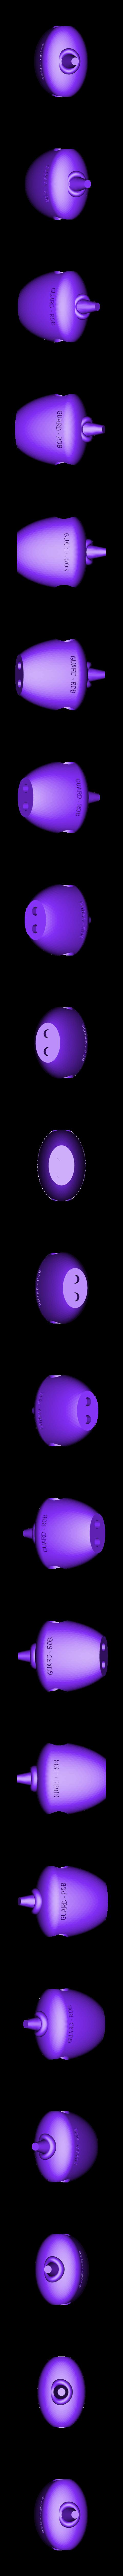 body_upper.stl Télécharger fichier STL gratuit Guard Rob (robot) • Objet pour imprimante 3D, NohaBody